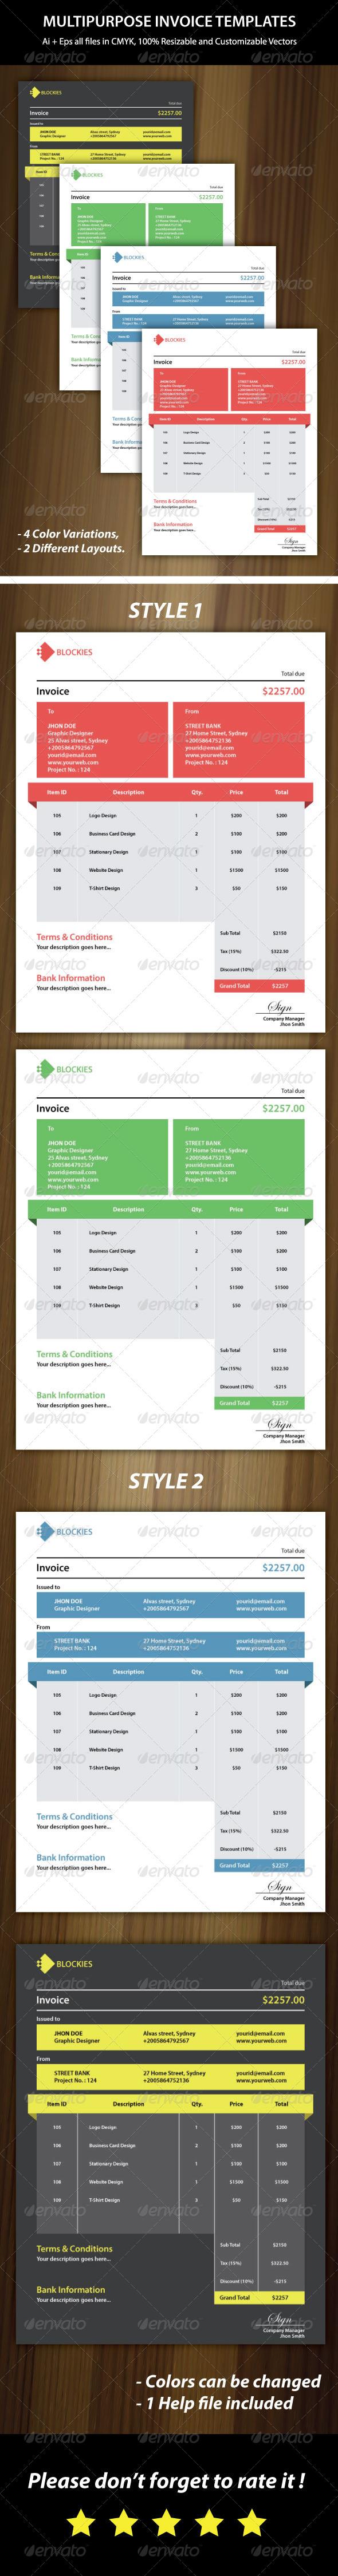 GraphicRiver Multipurpose Invoice Templates 6471156